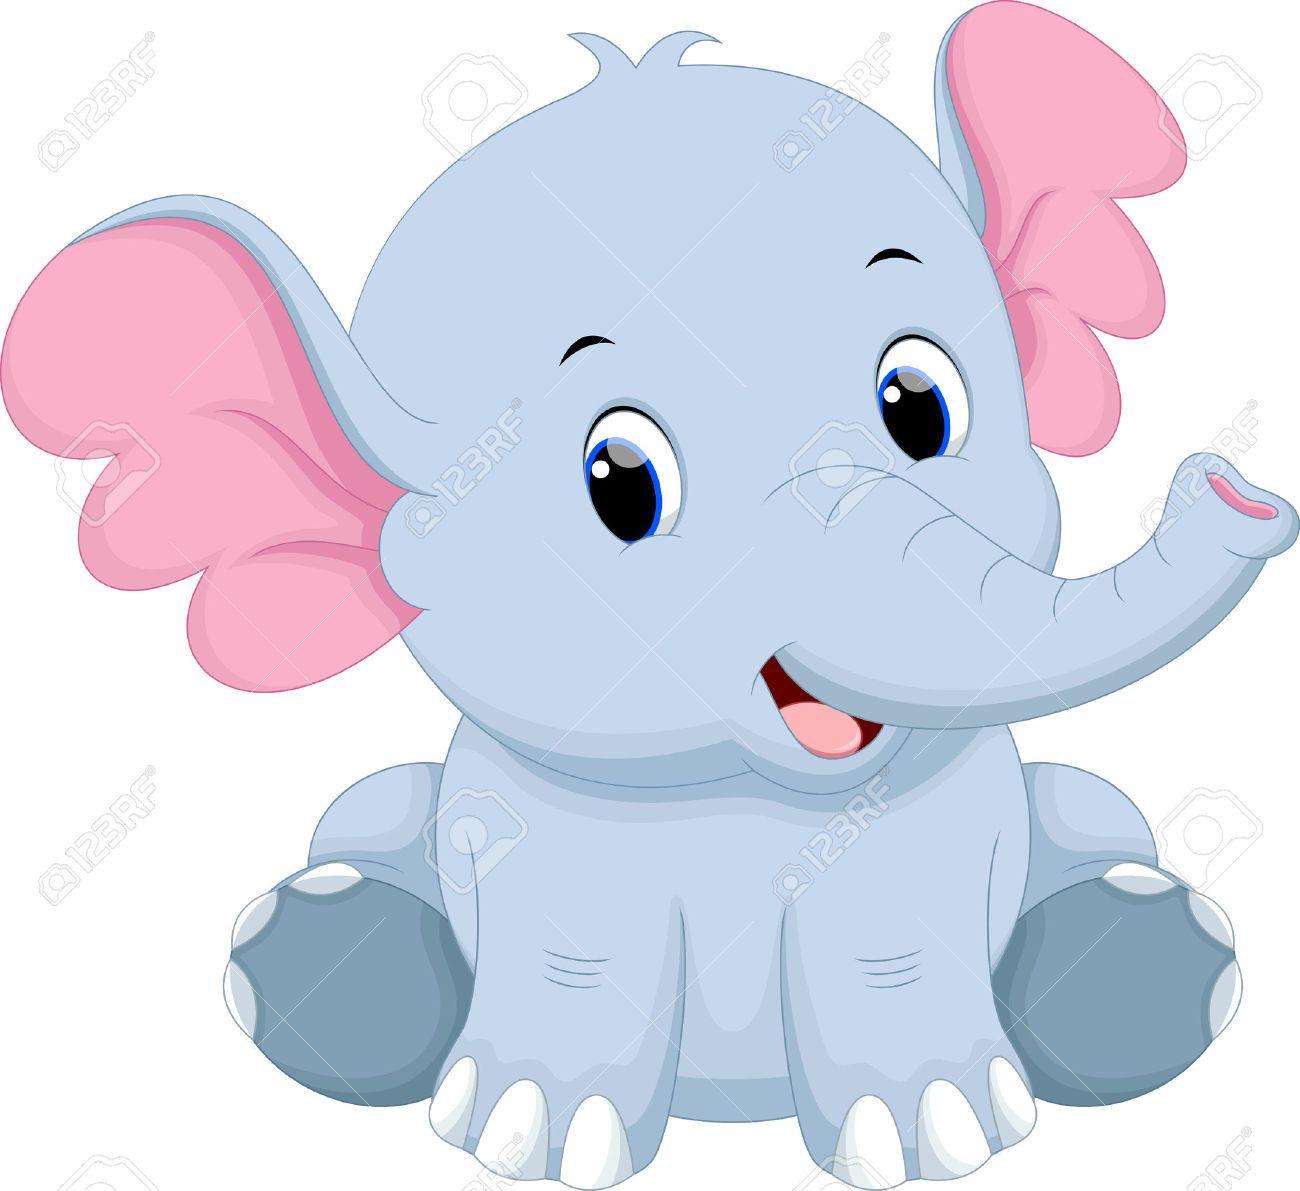 Resultado de imagen para elefante bebe png | Bebe | Pinterest ...